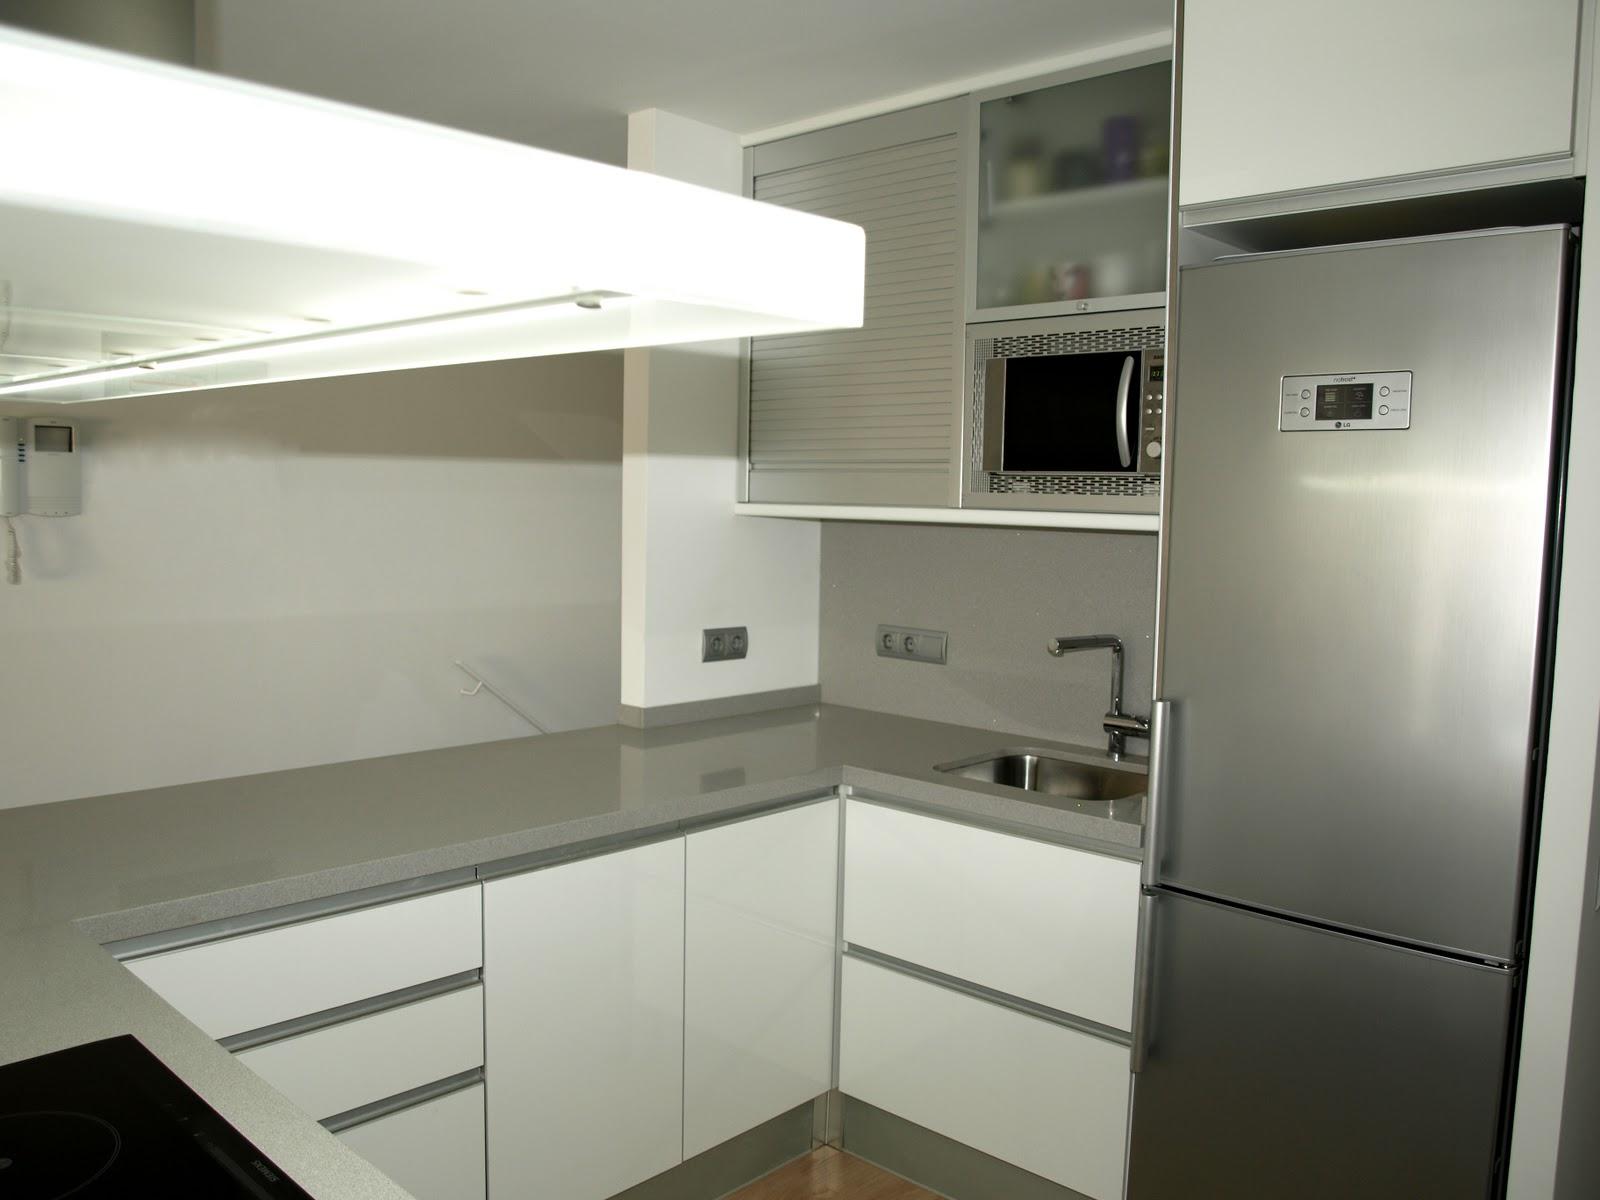 Espai decuina ripollet barcelona cocina blanca for Cocinas blancas con silestone